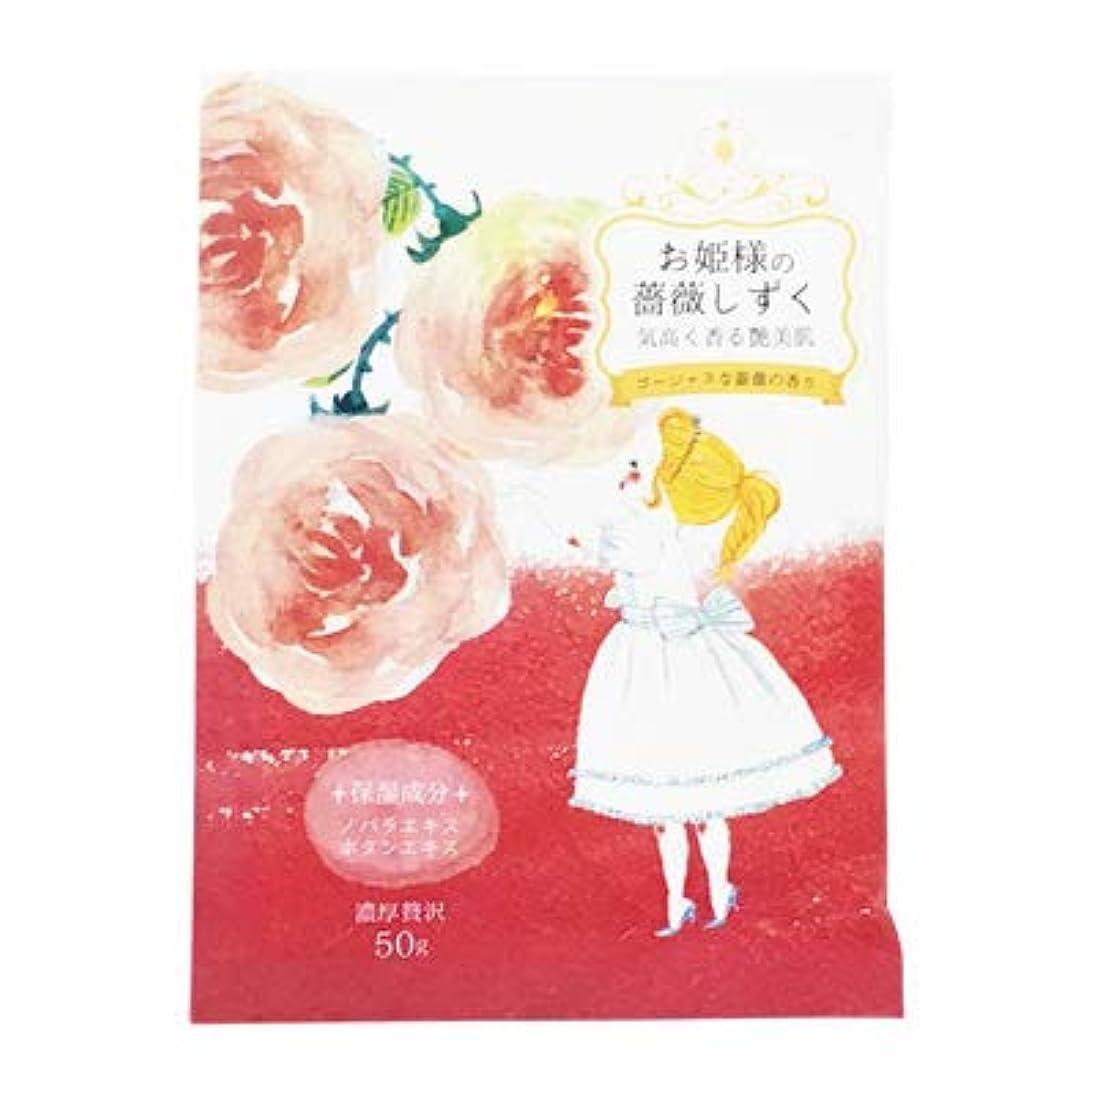 リレー配当月【まとめ買い6個セット】 お姫様風呂 薔薇しずく